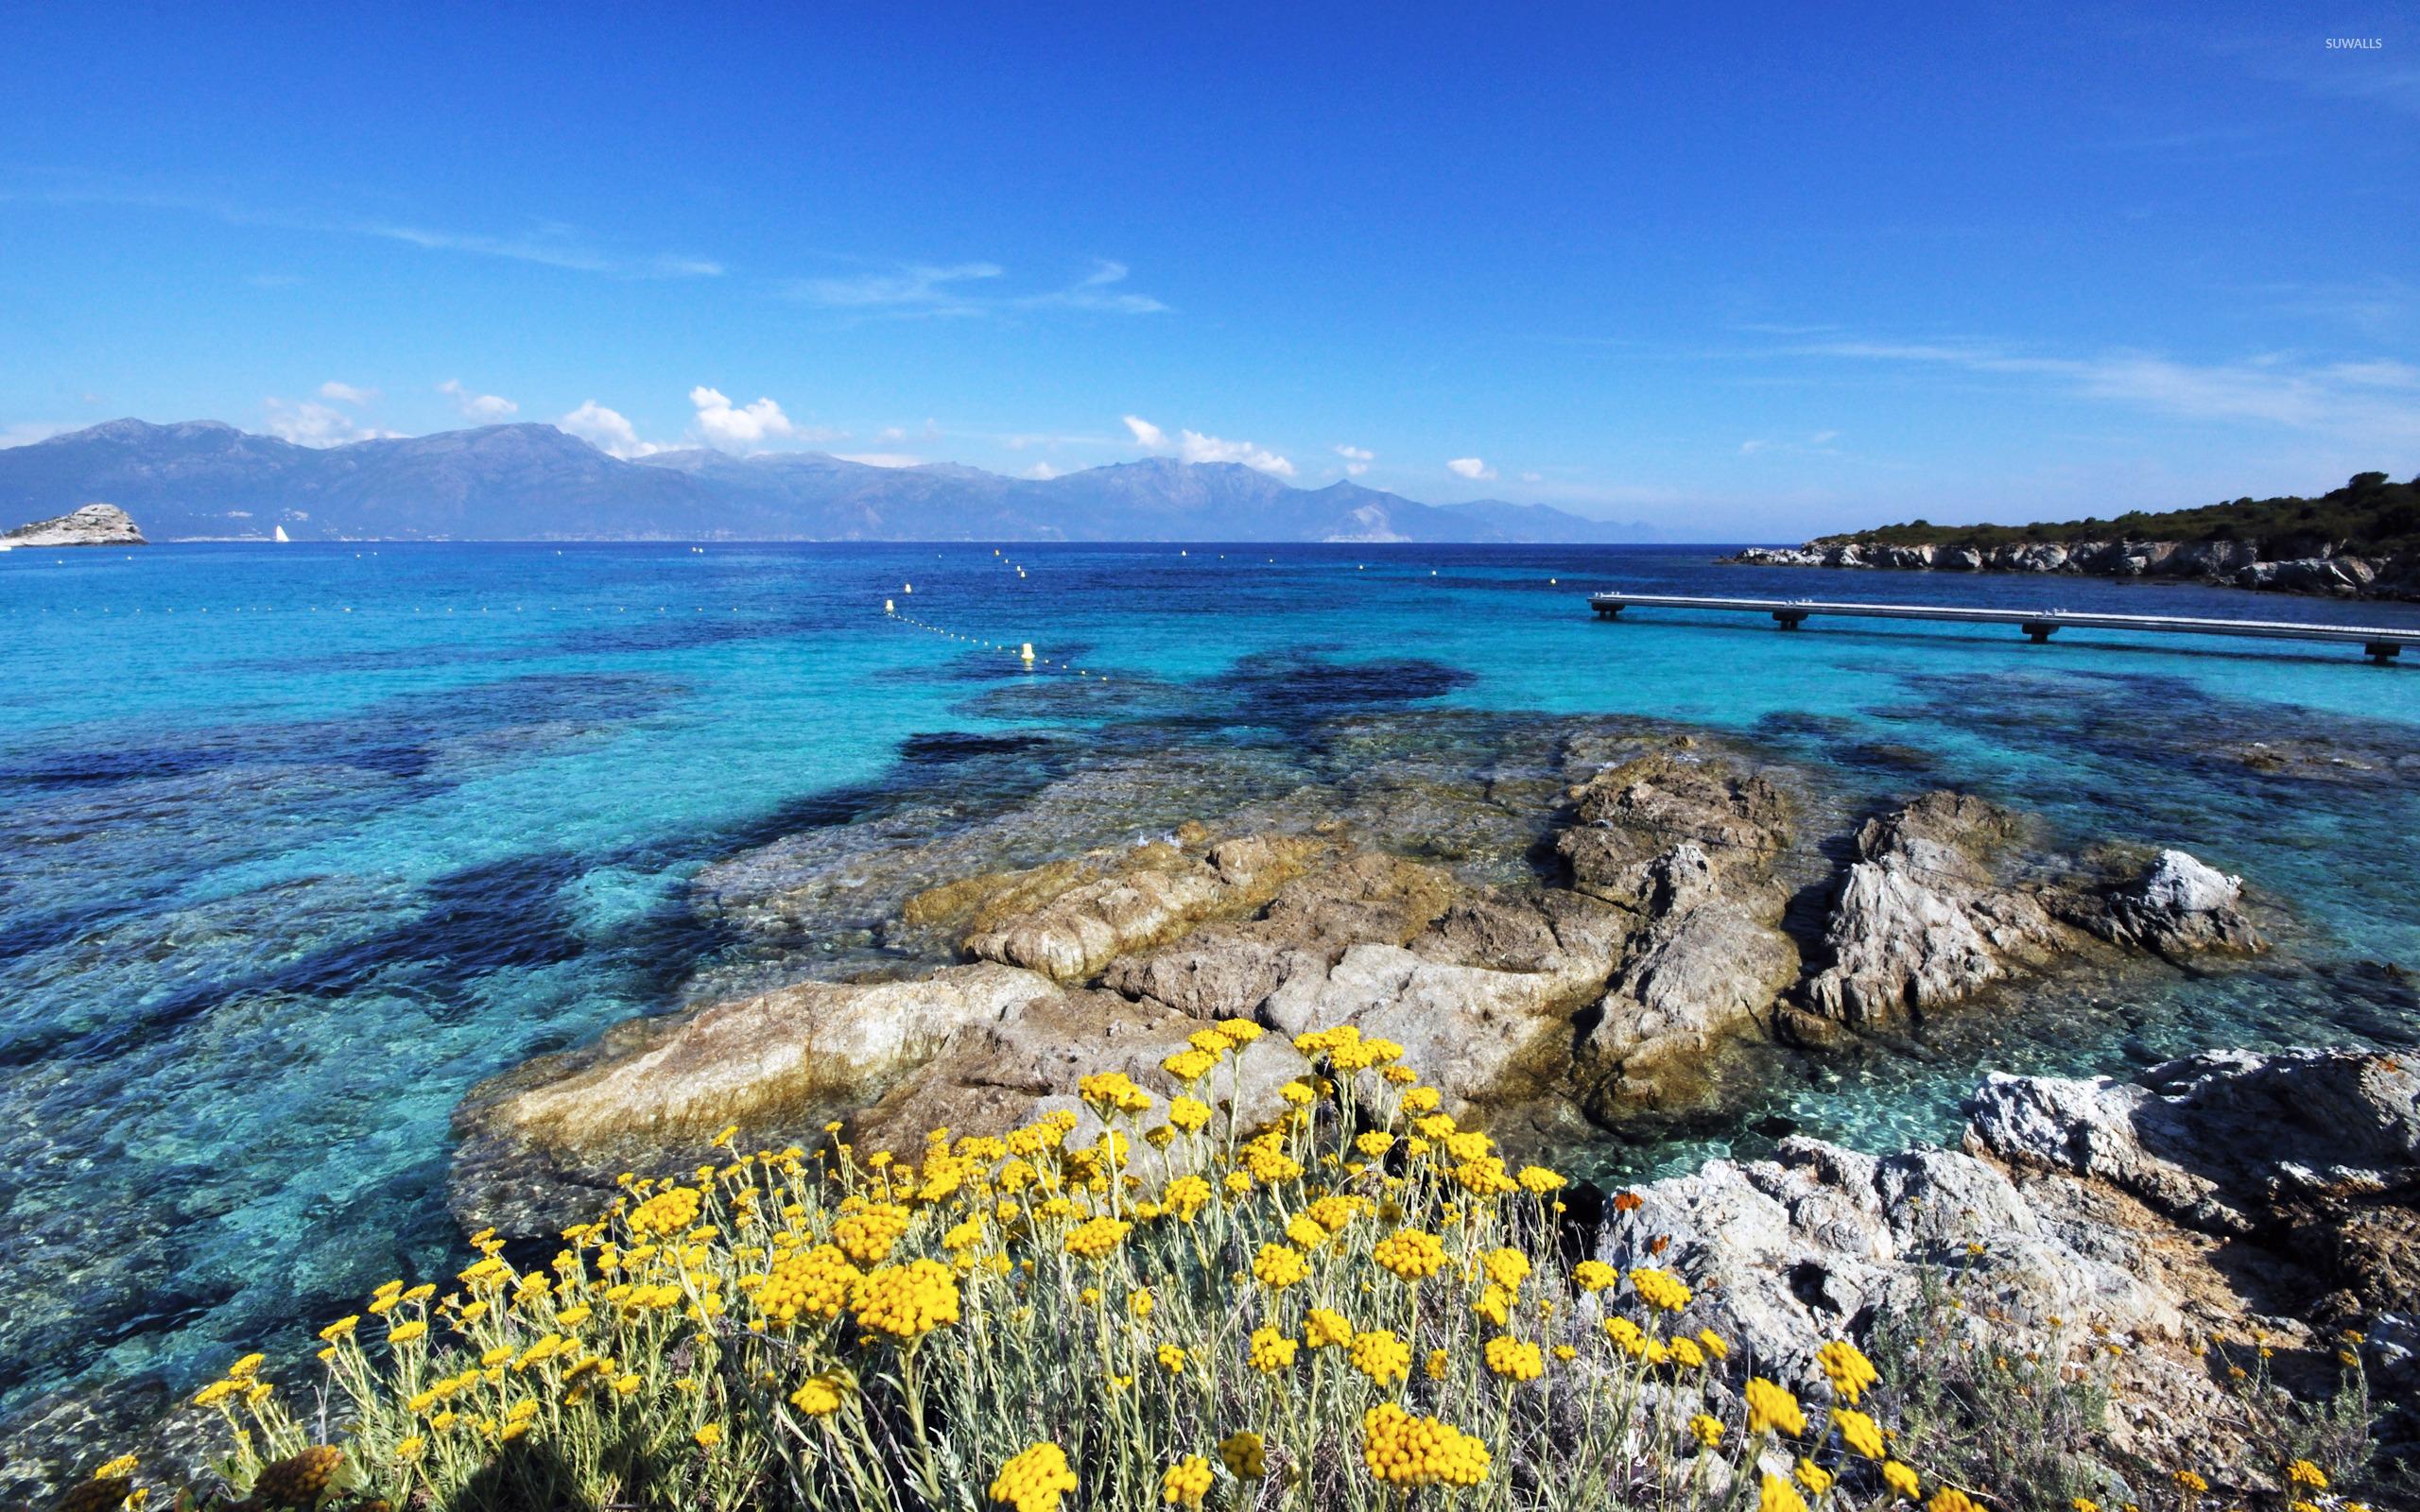 Corsica [4] wallpaper   Beach wallpapers   13593 2560x1600